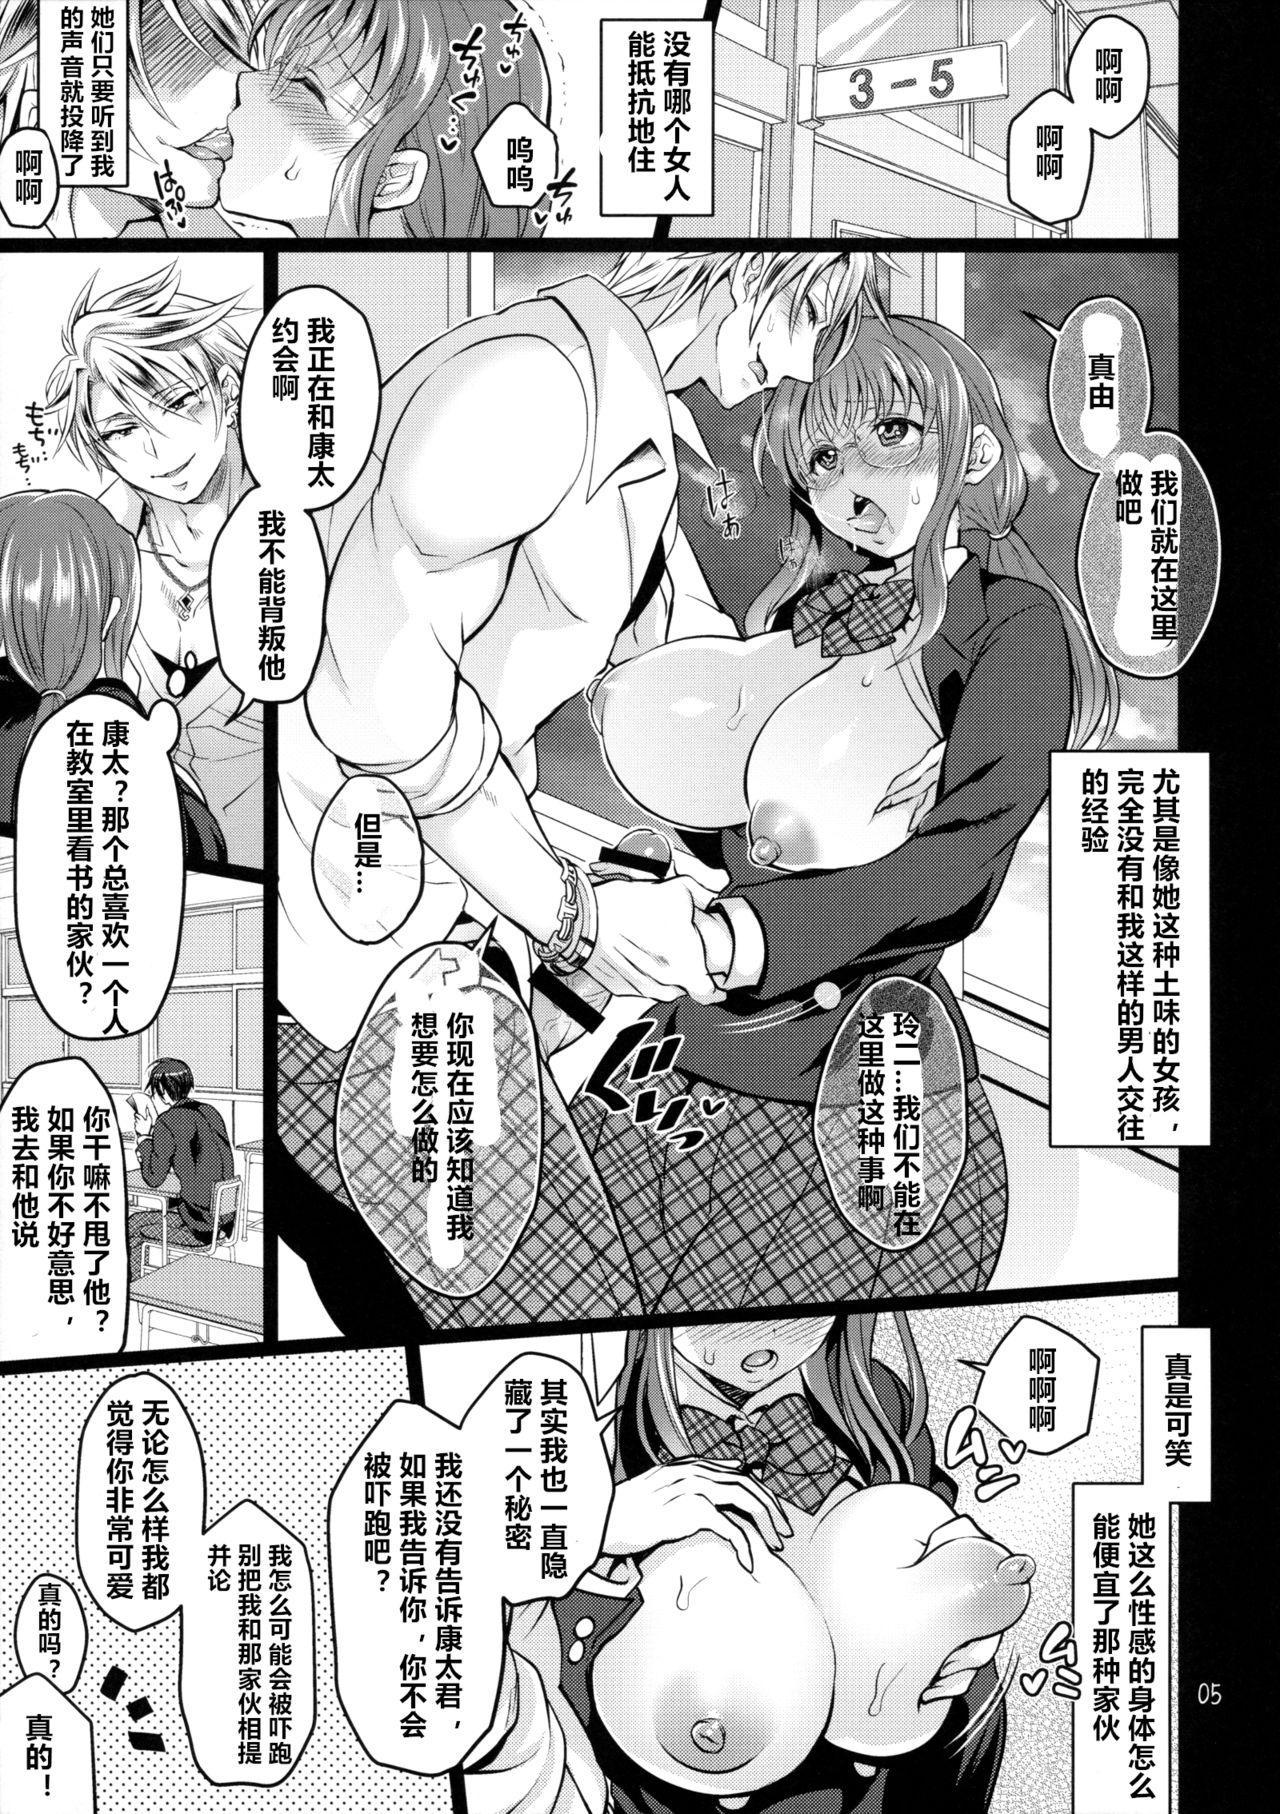 Futanari Kanojo o Netotta Yarichin Otoko ga Mesu Ochi Sareru 3